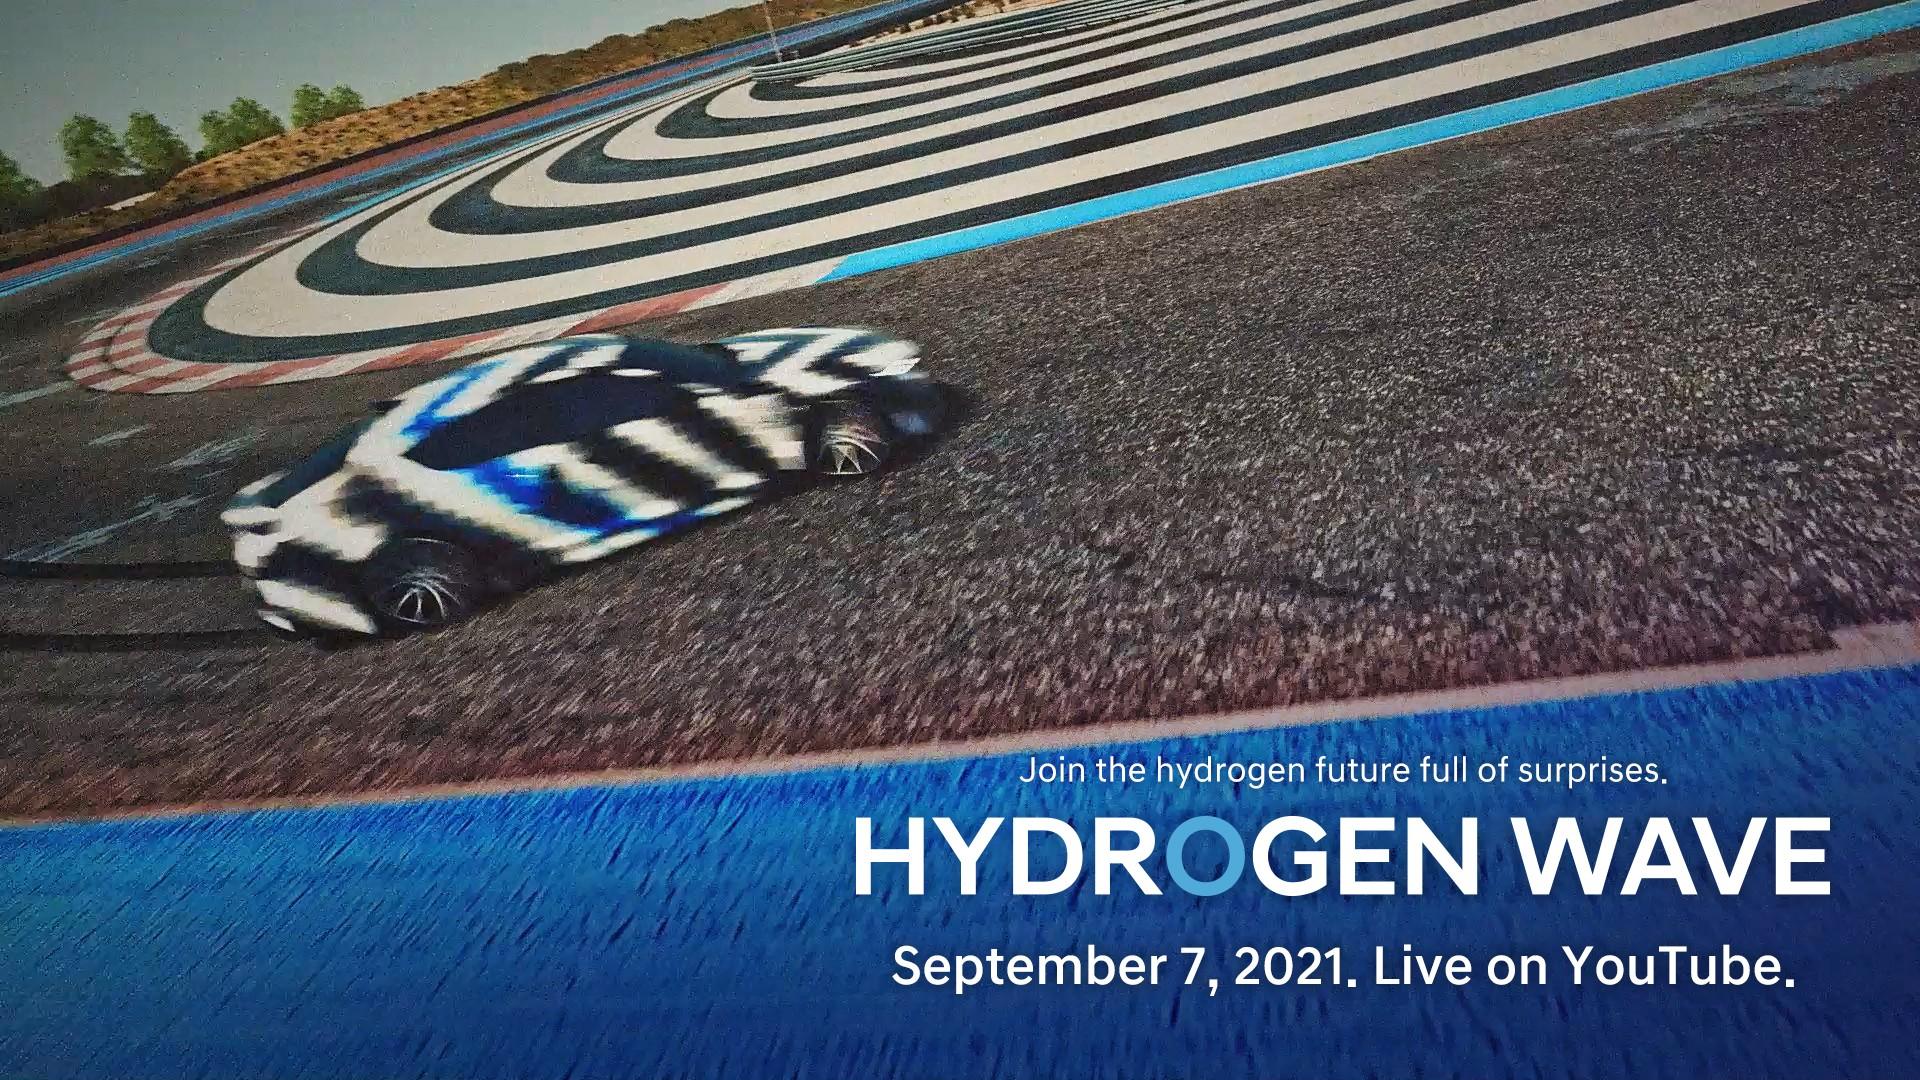 كشفت هيونداي عن فيديو تشويقي لسيارة جديدة بمحركات هيدورجينية استعداداً بعد أيام.